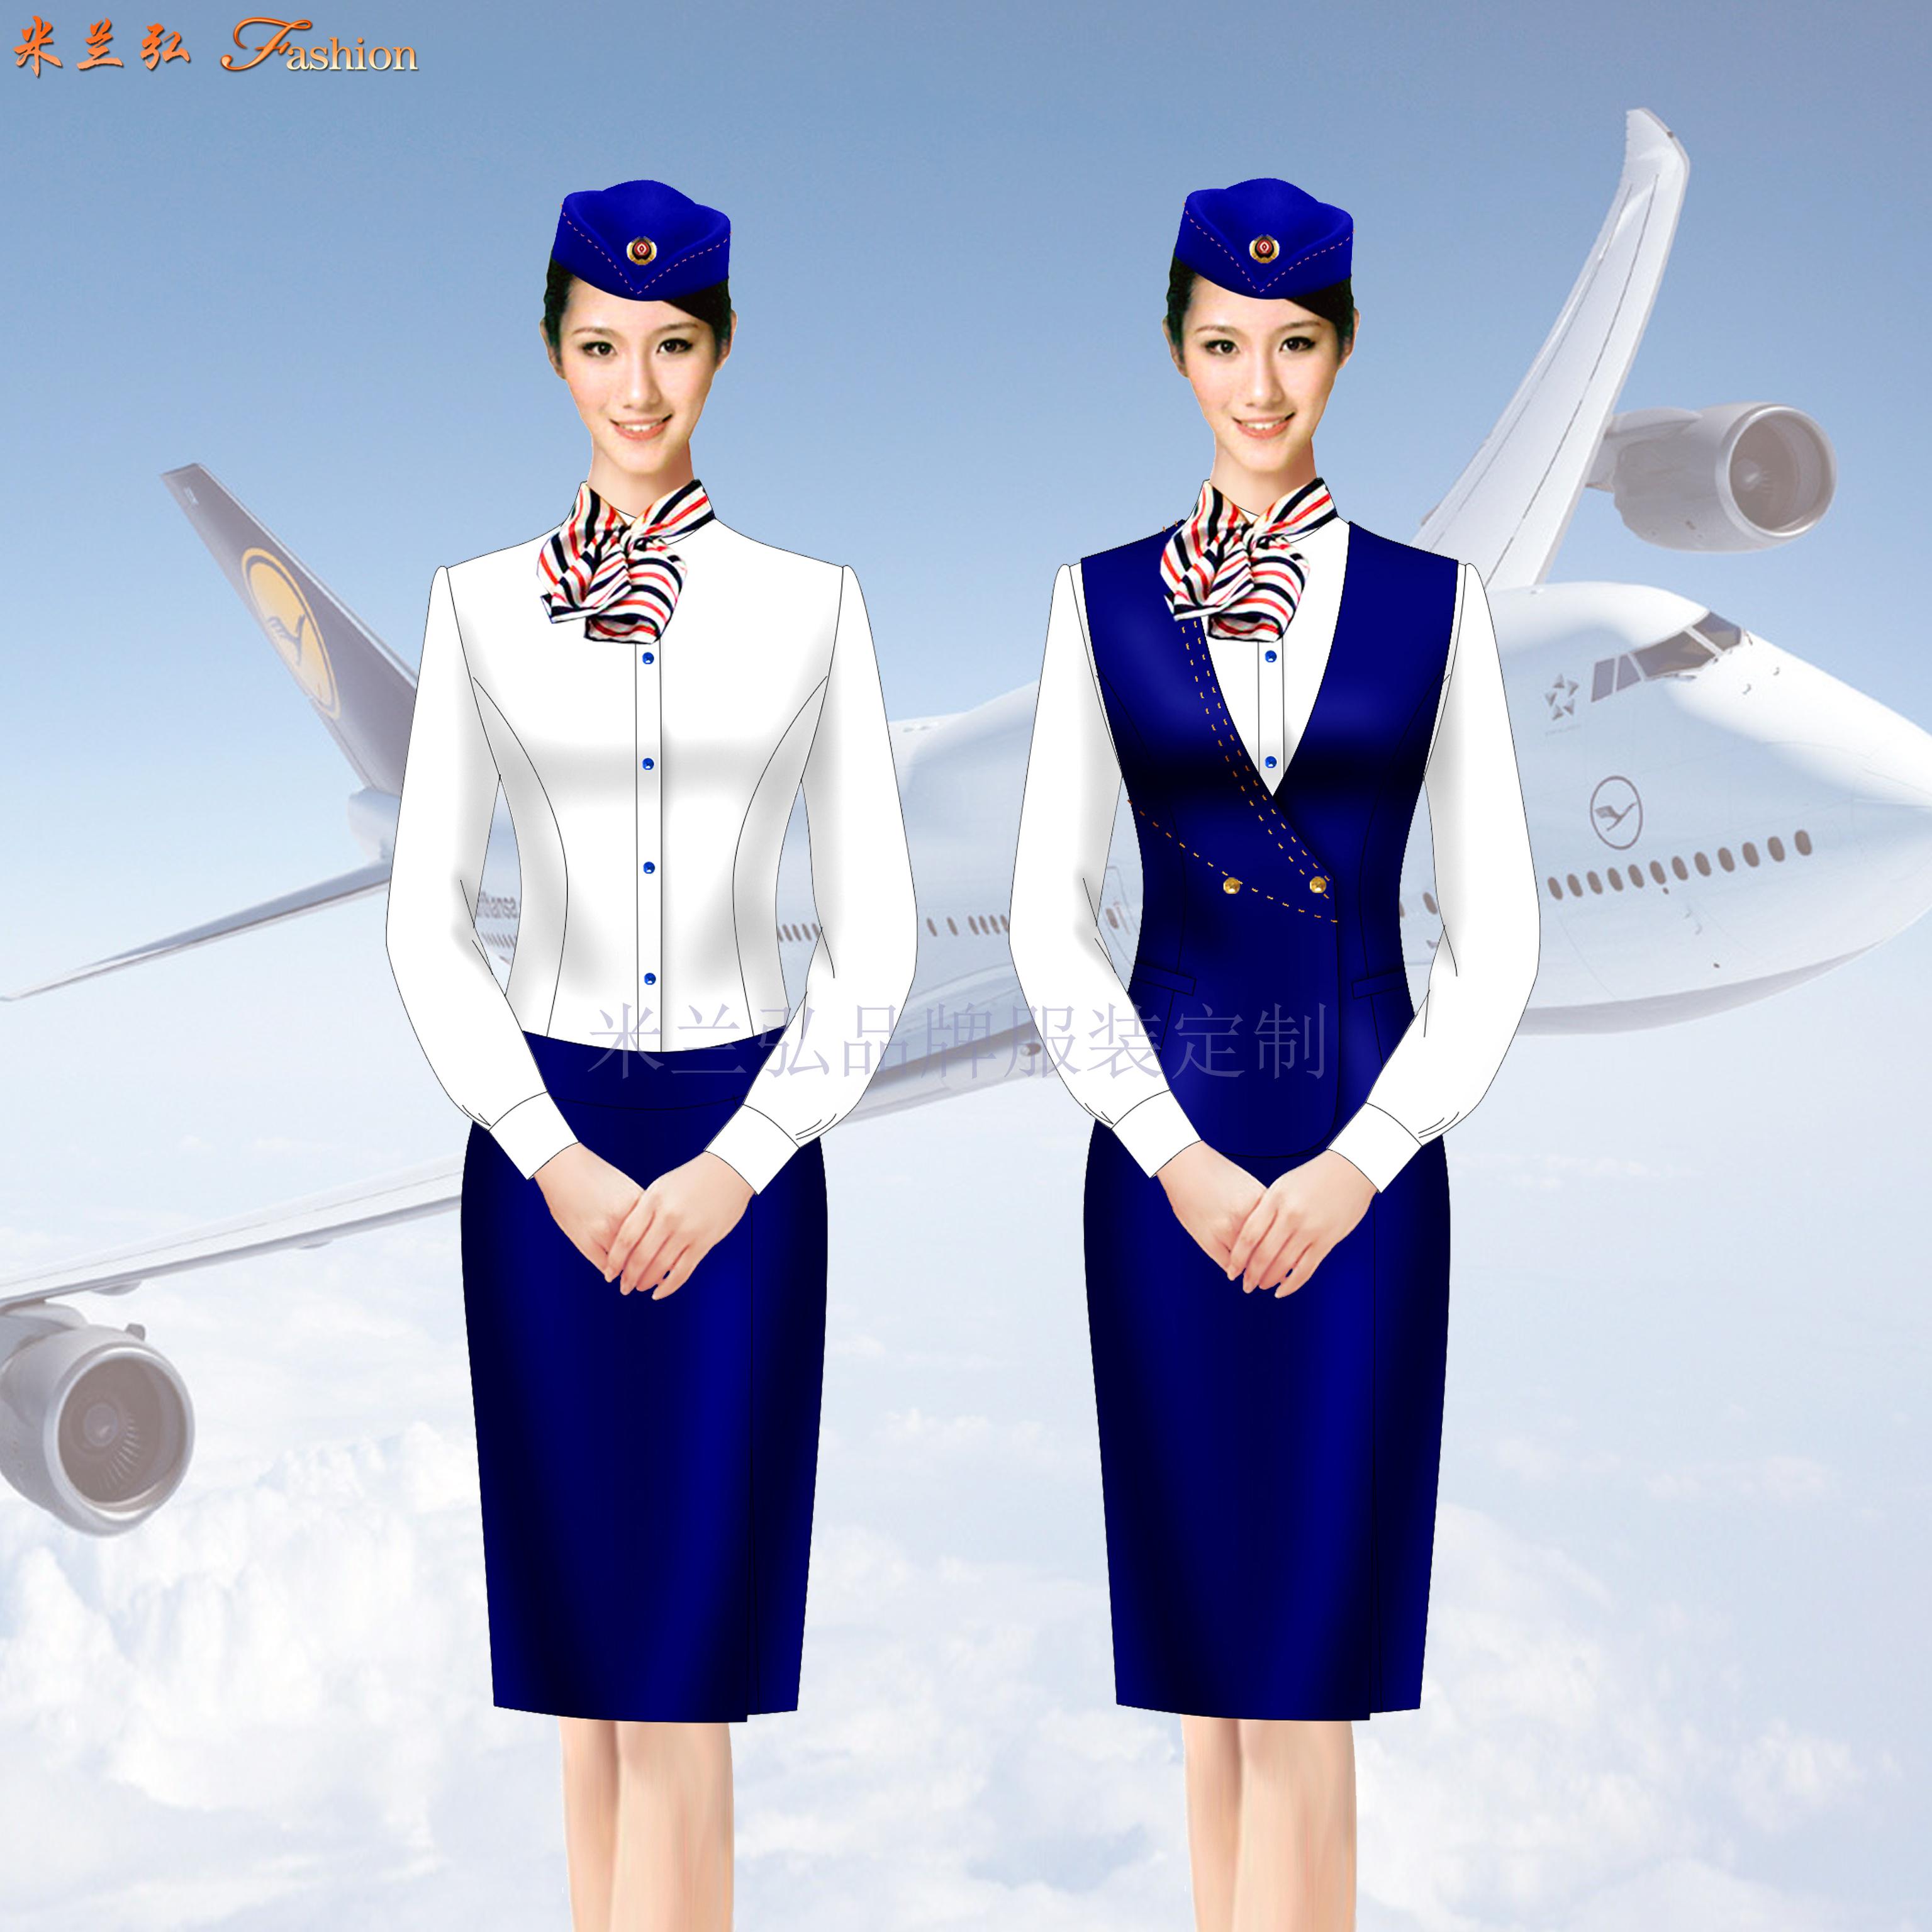 「廊坊定制航空公司空姐服」「廊坊定做醫院導醫空姐服」-米蘭弘-3